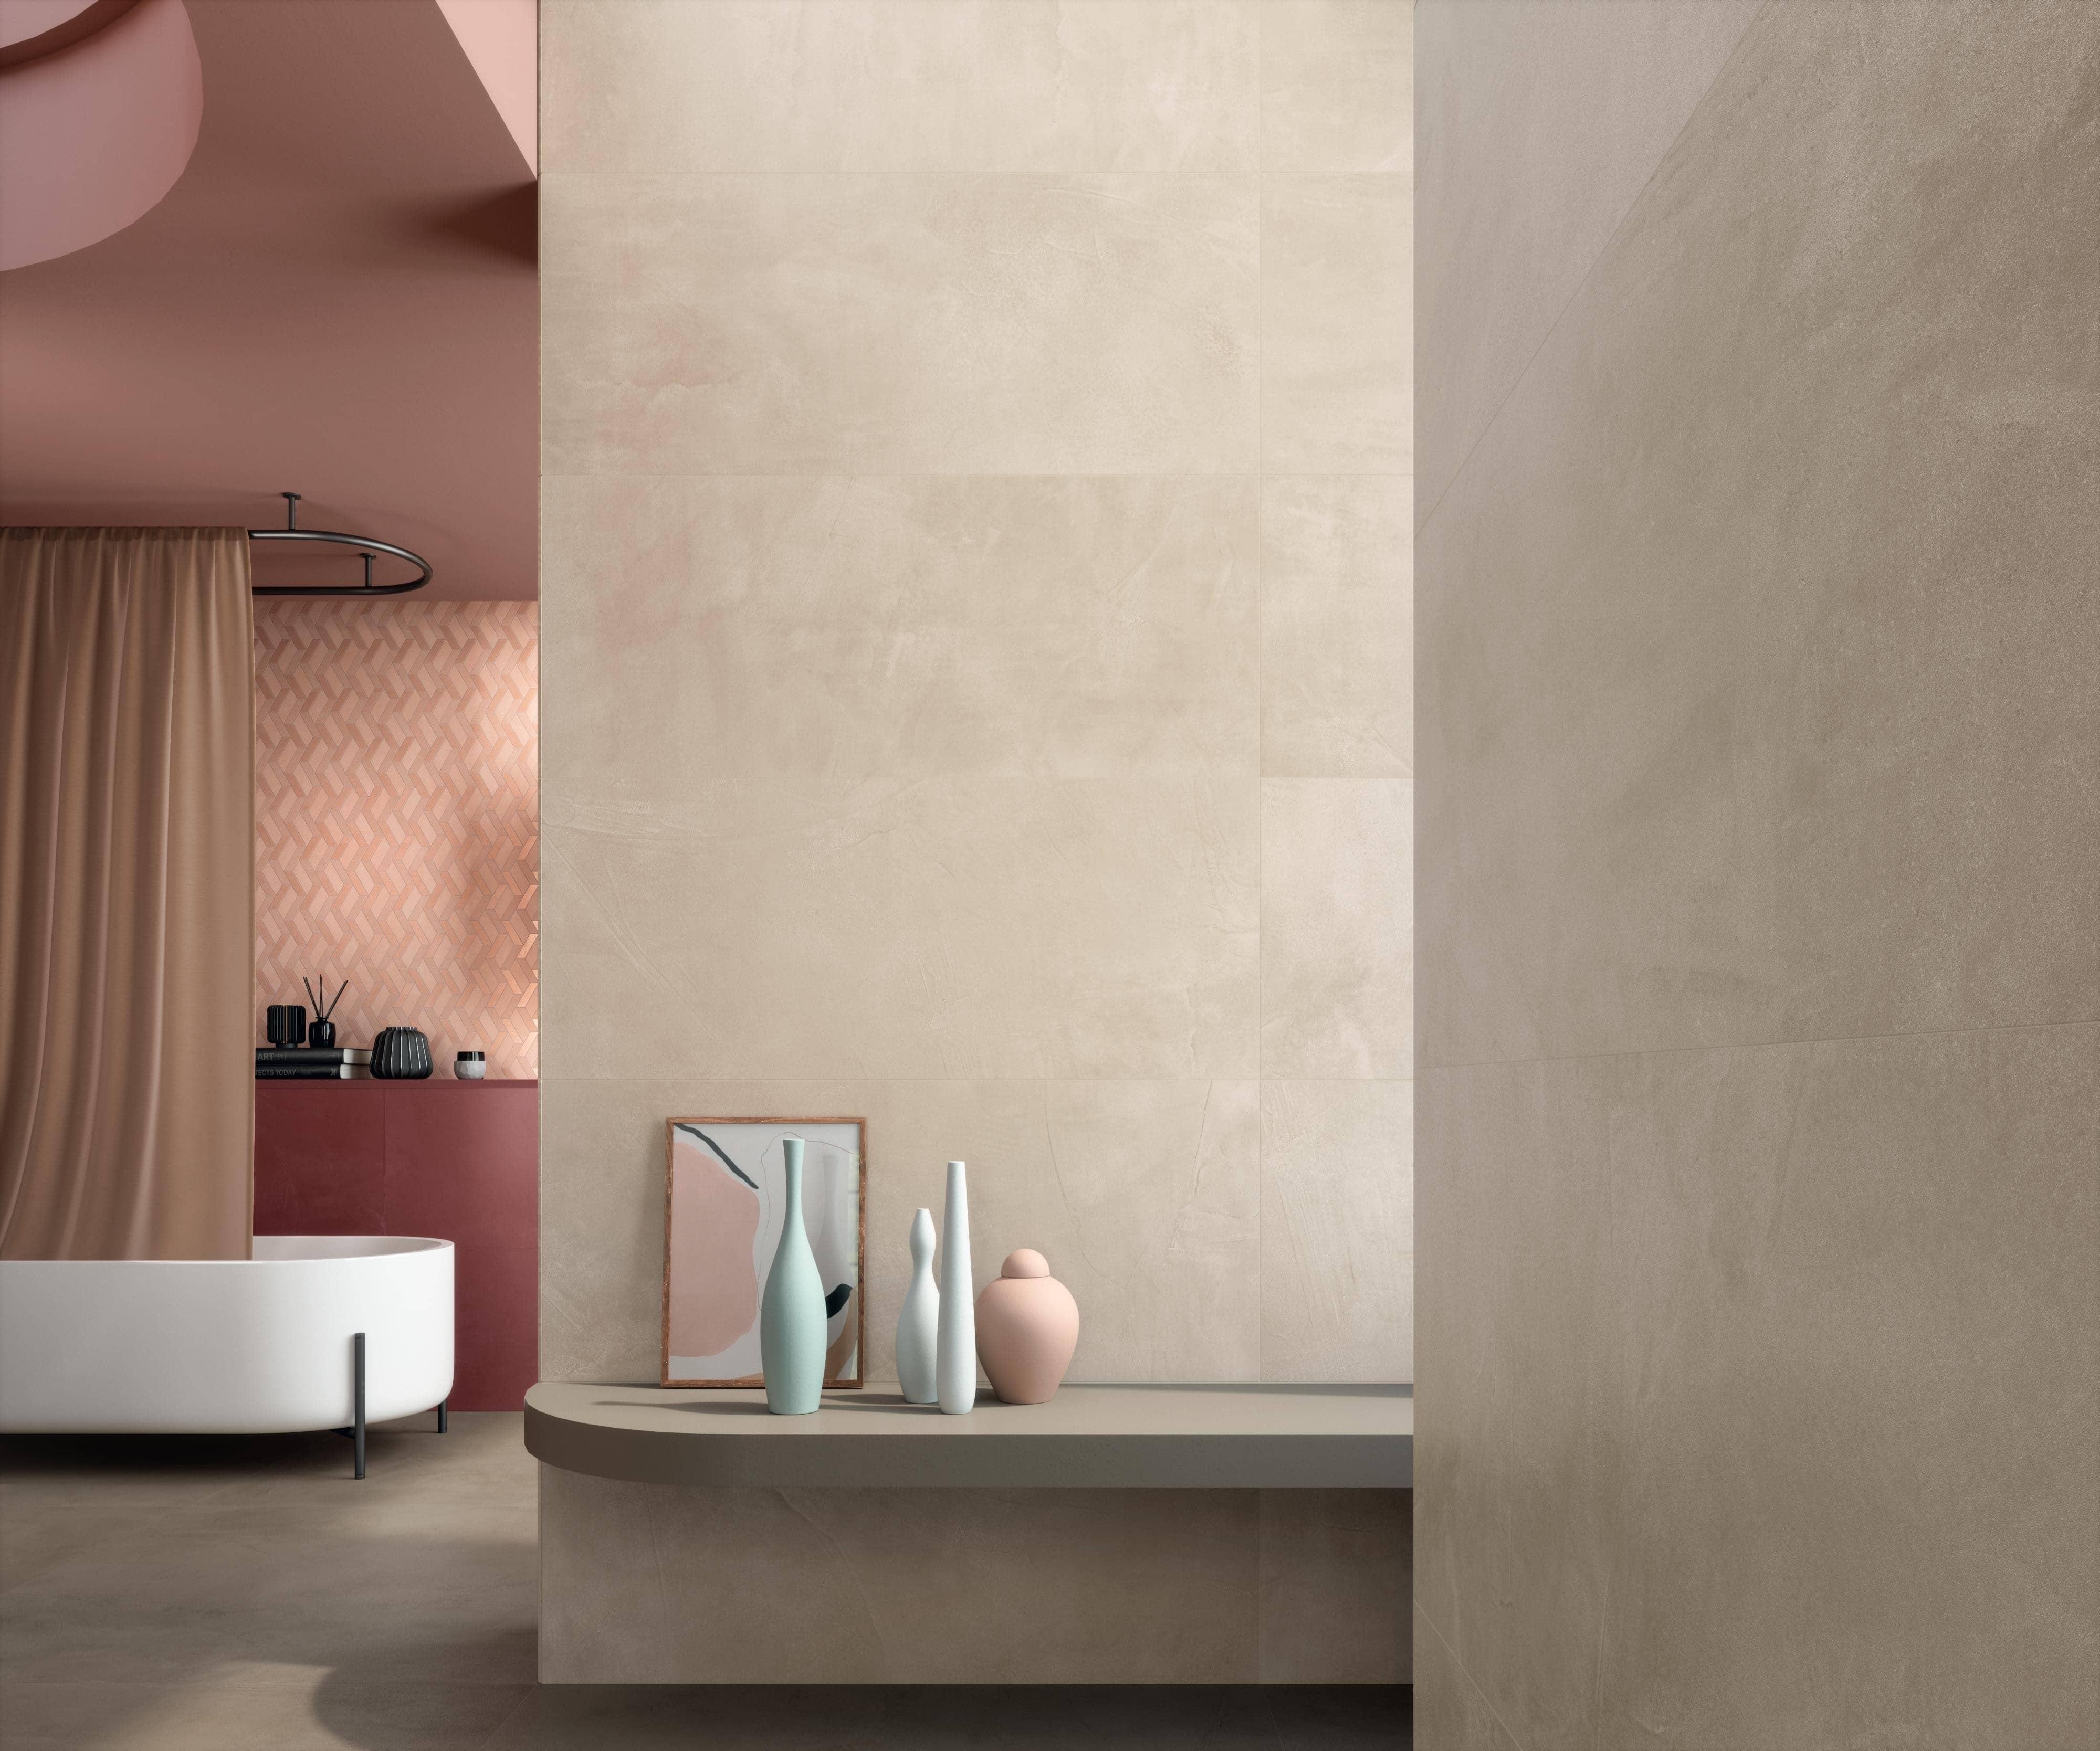 Koupelna v pastelových barvách. Objevte kolekci Prism! slide 1